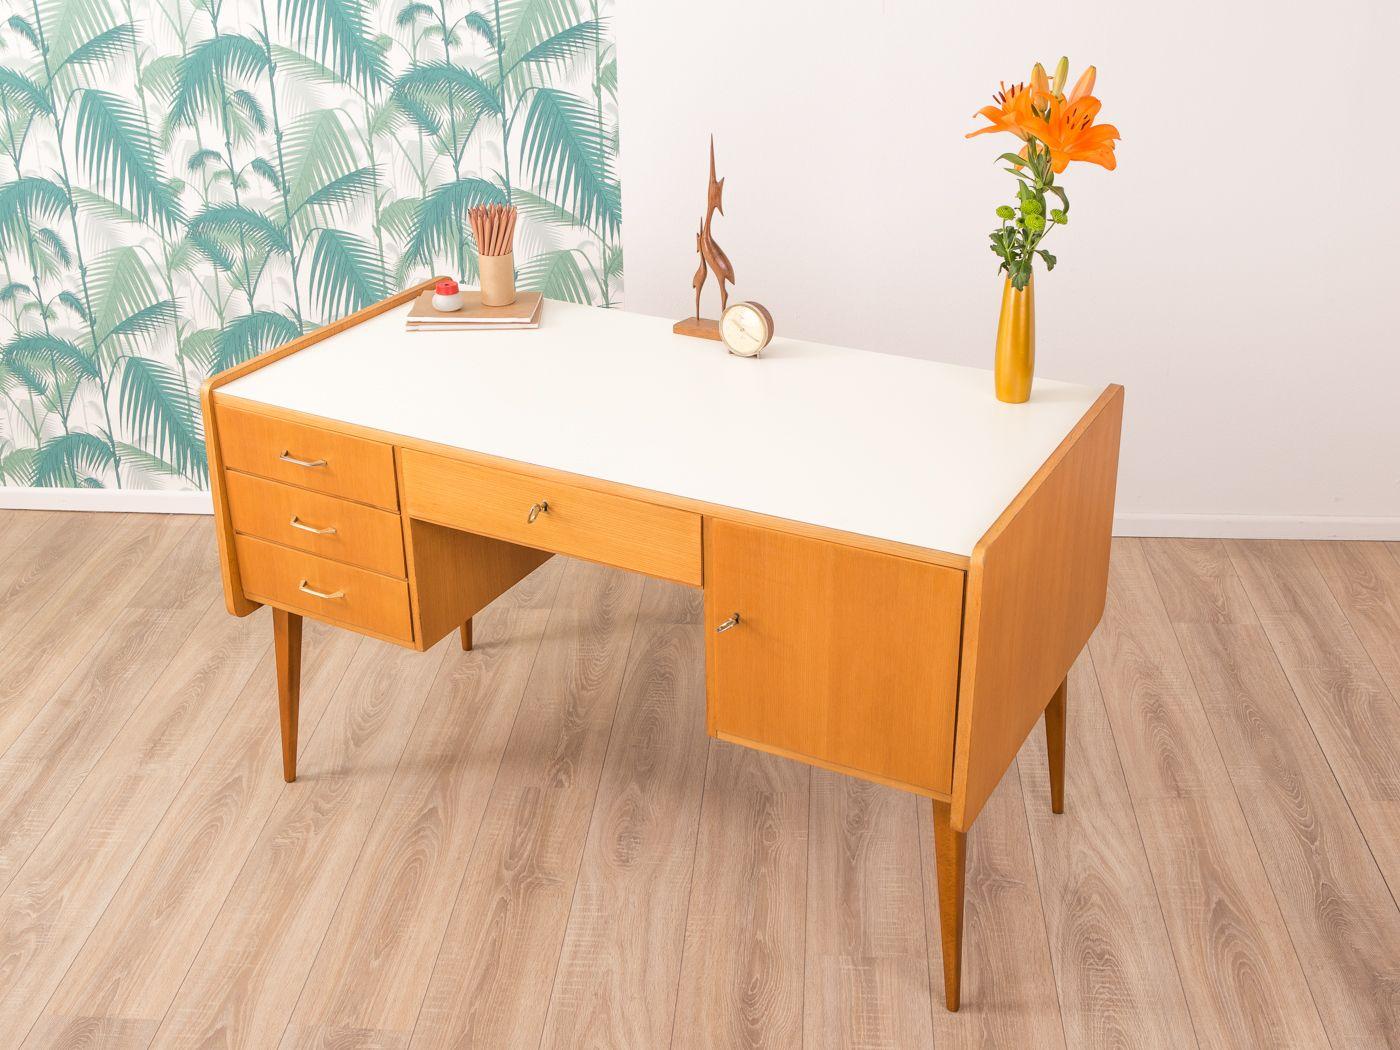 deutscher mid century schreibtisch 1950er bei pamono kaufen. Black Bedroom Furniture Sets. Home Design Ideas